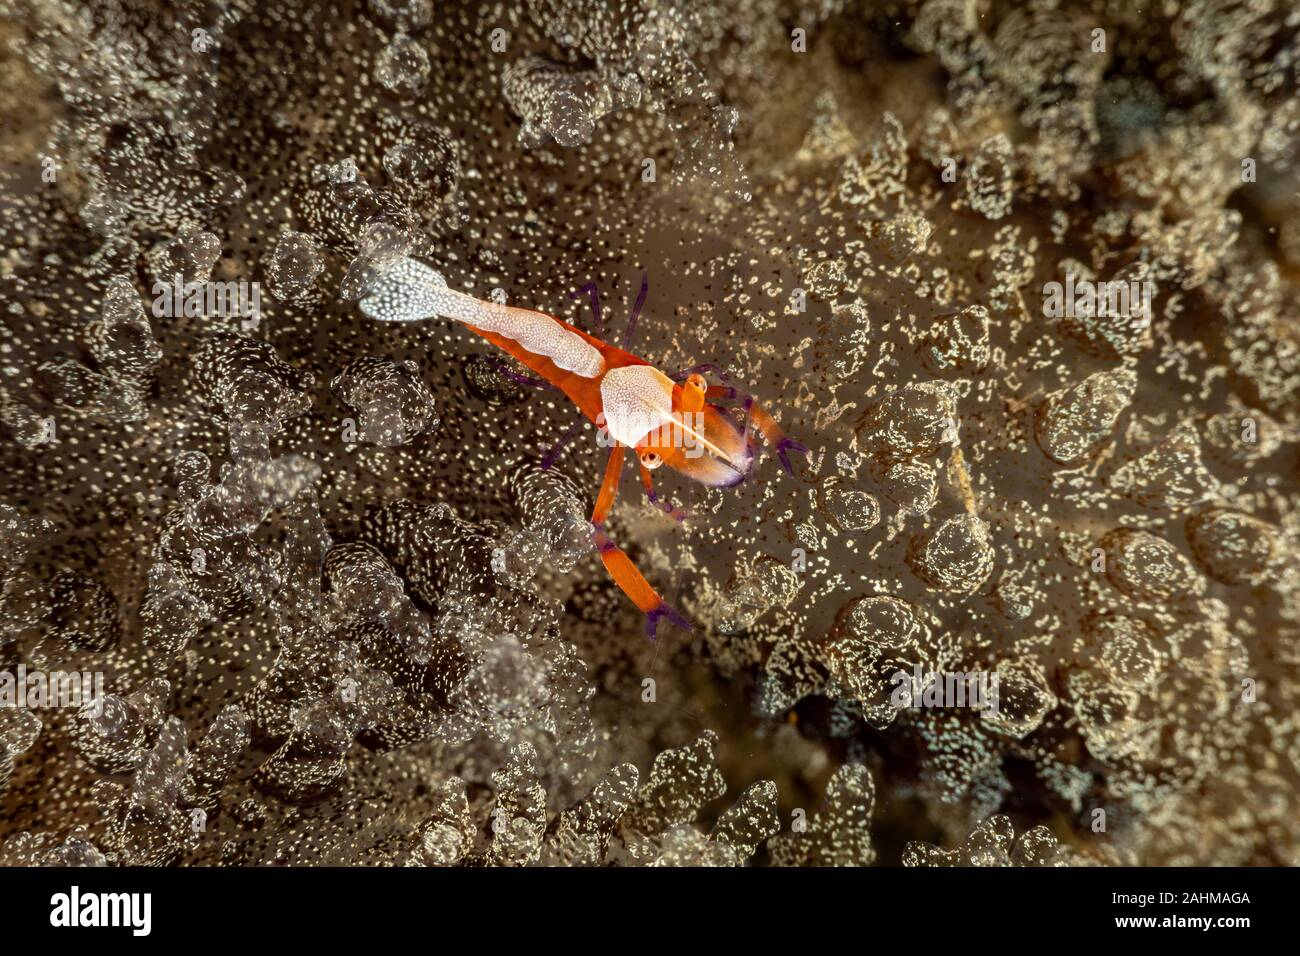 El emperador camarones, Periclimenes imperator, es un organismo de camarón con una amplia distribución en toda la región Indo-Pacífico Foto de stock